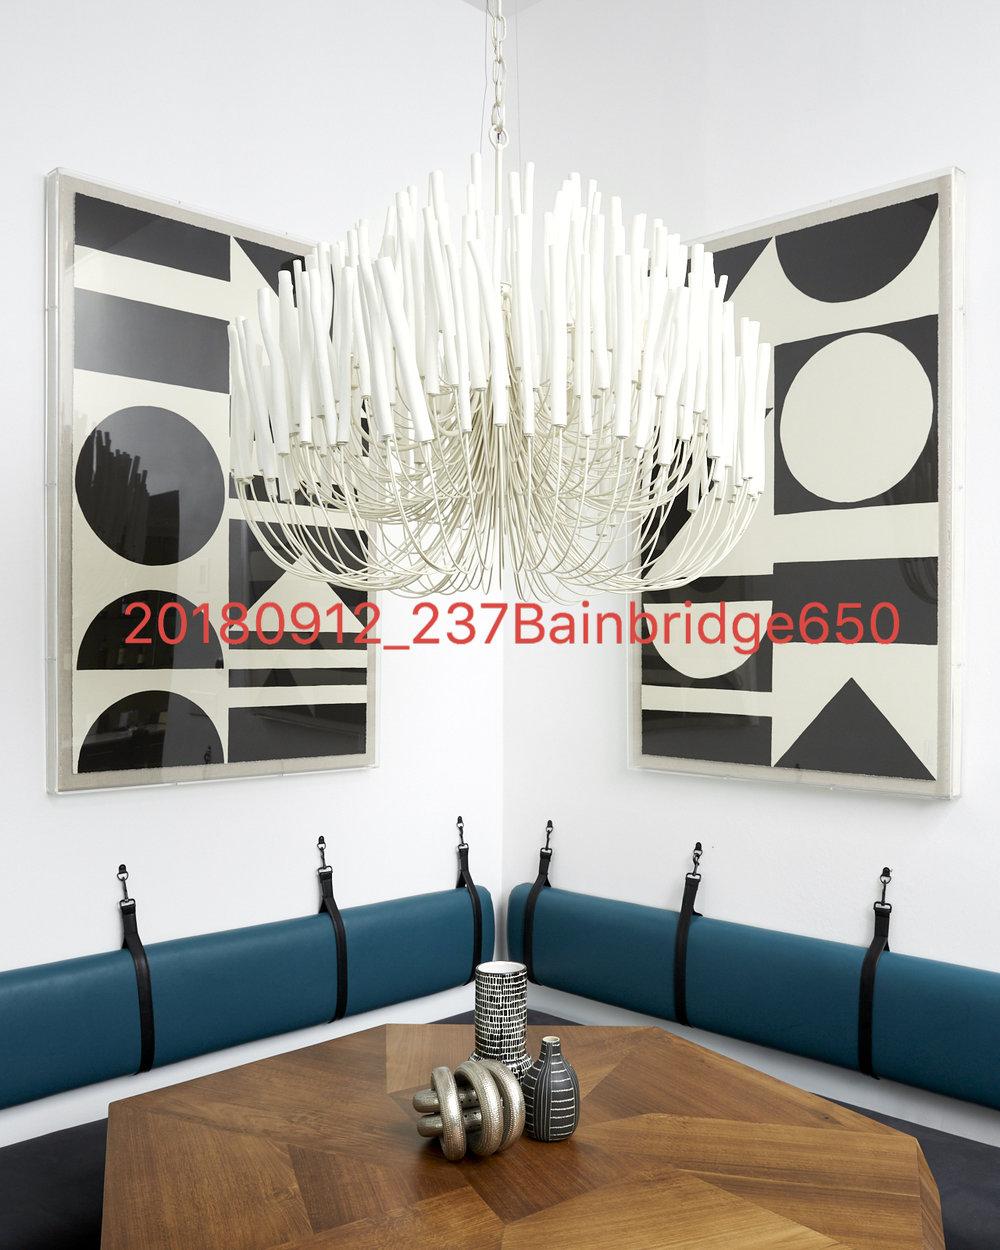 Bainbridge Sample_Web Gallery_147.jpg